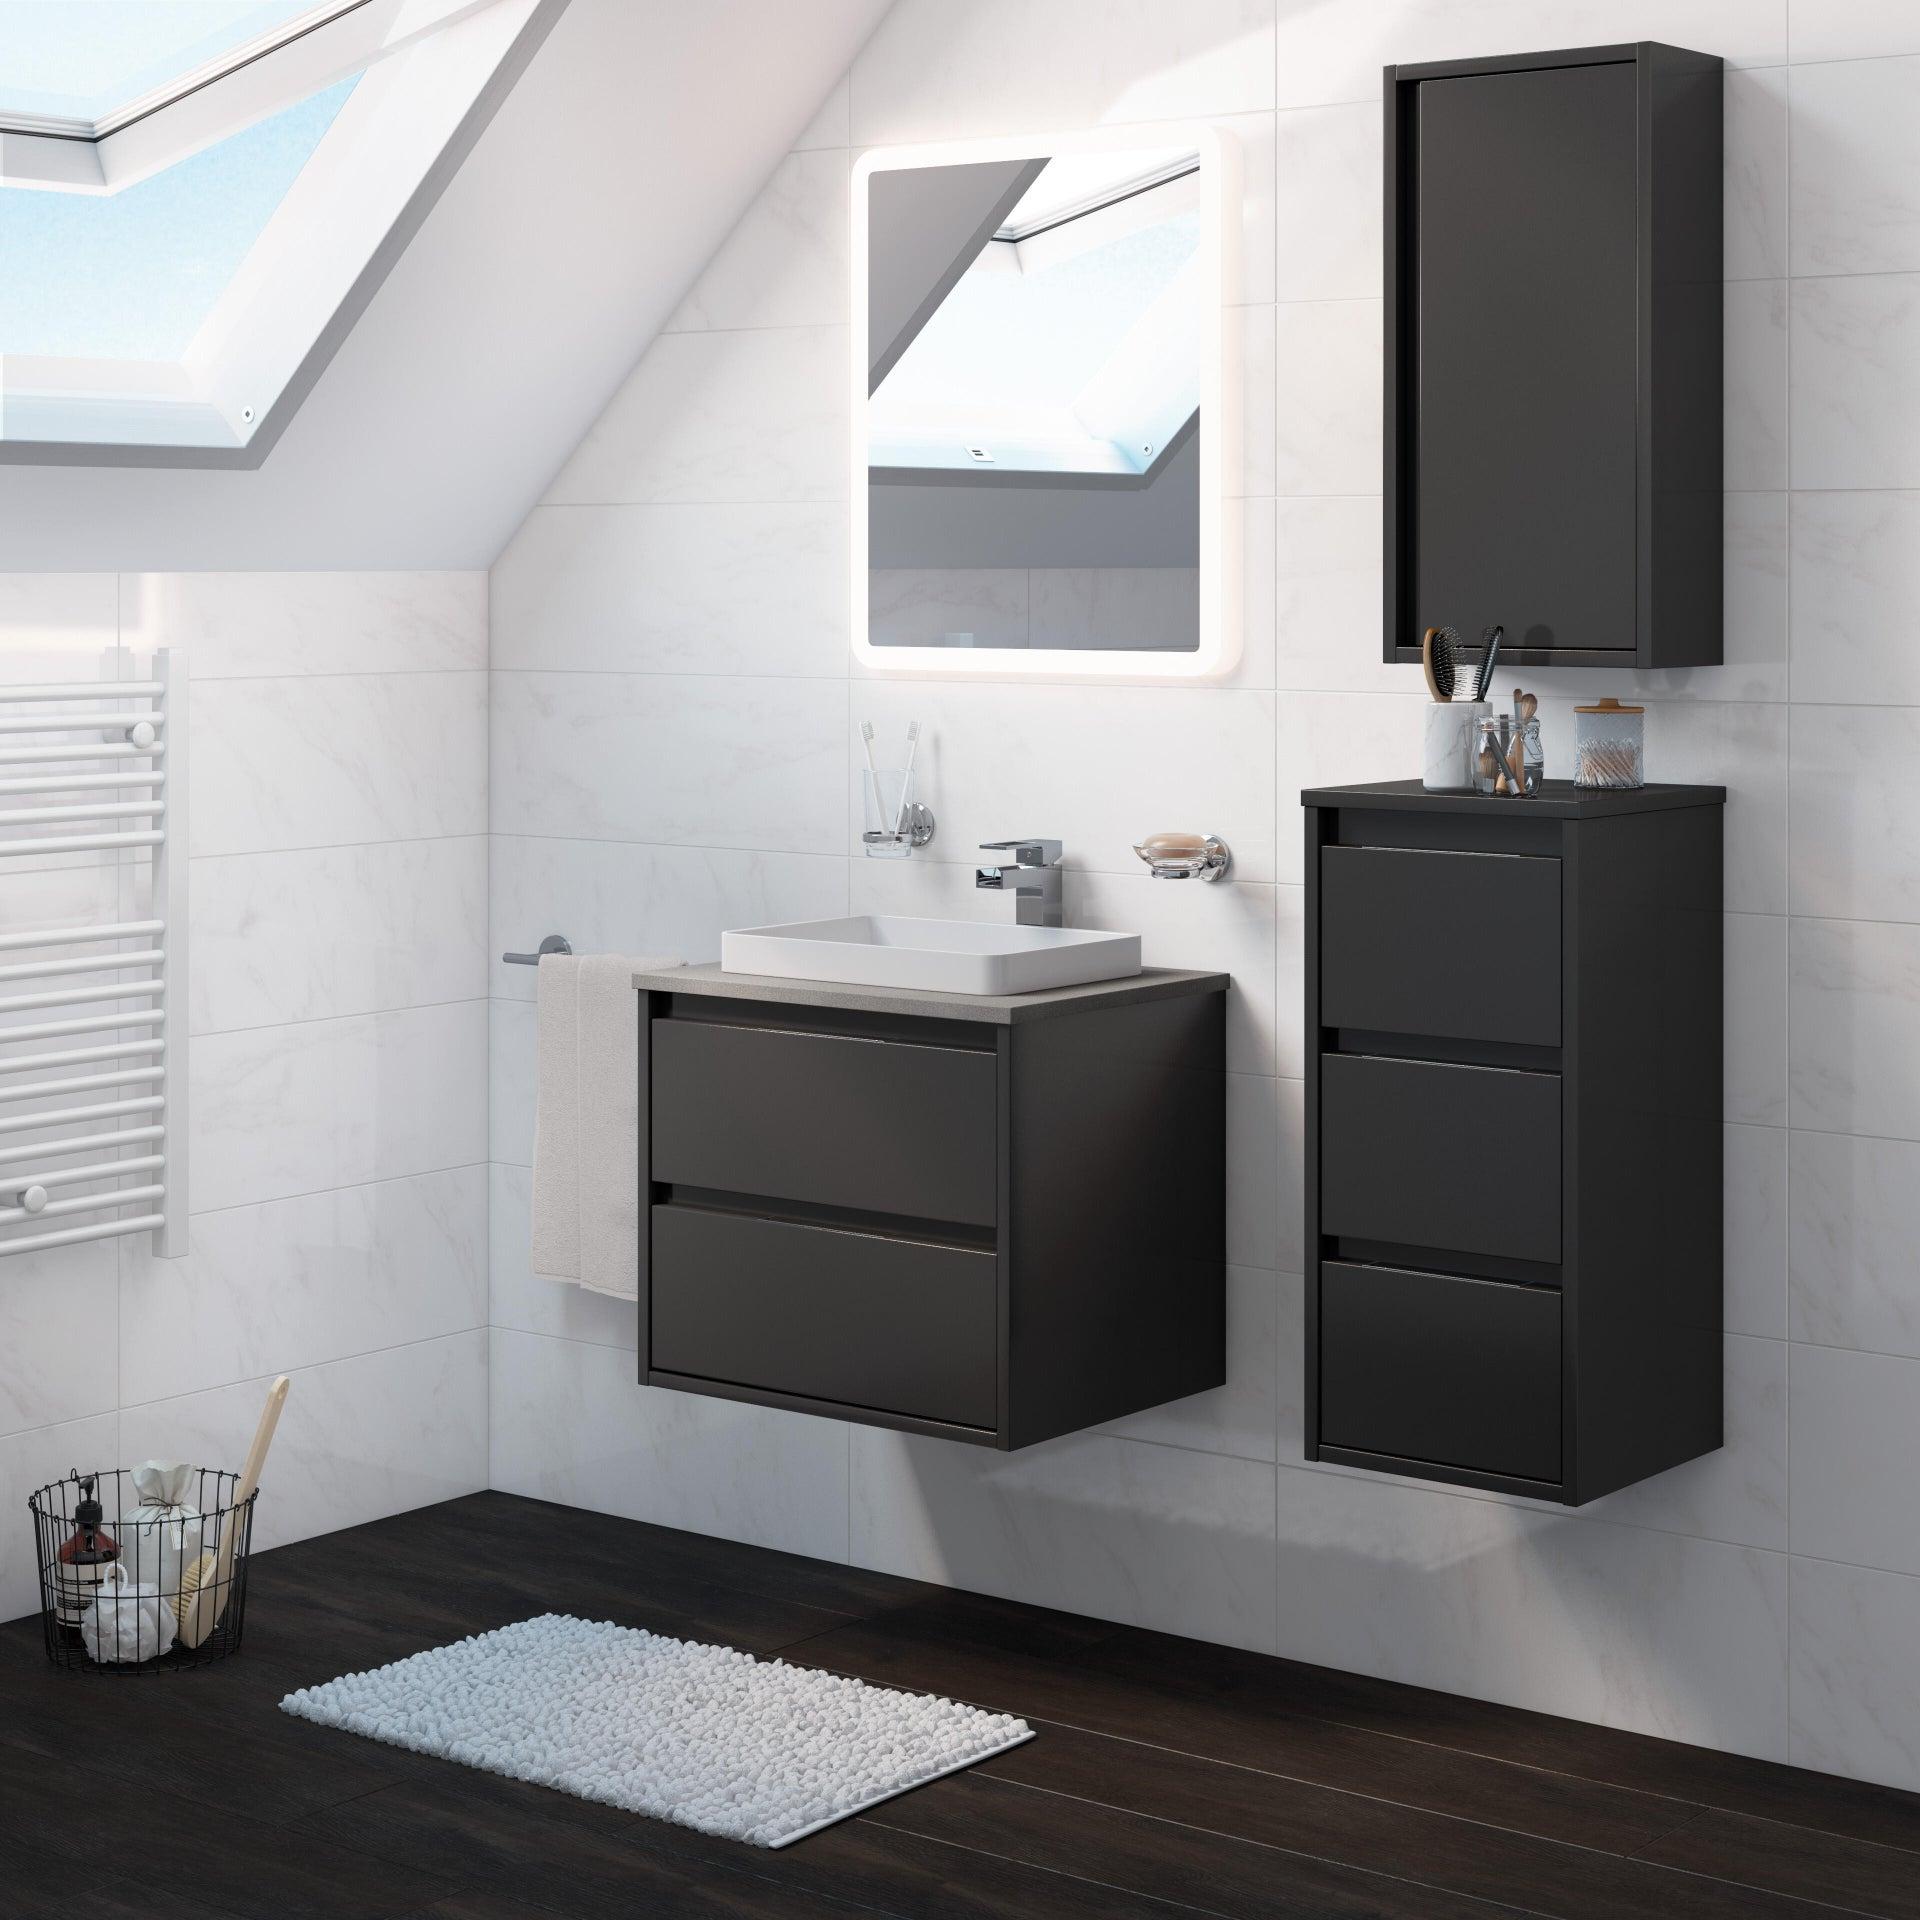 Mobile bagno Loto grigio L 60 cm - 1